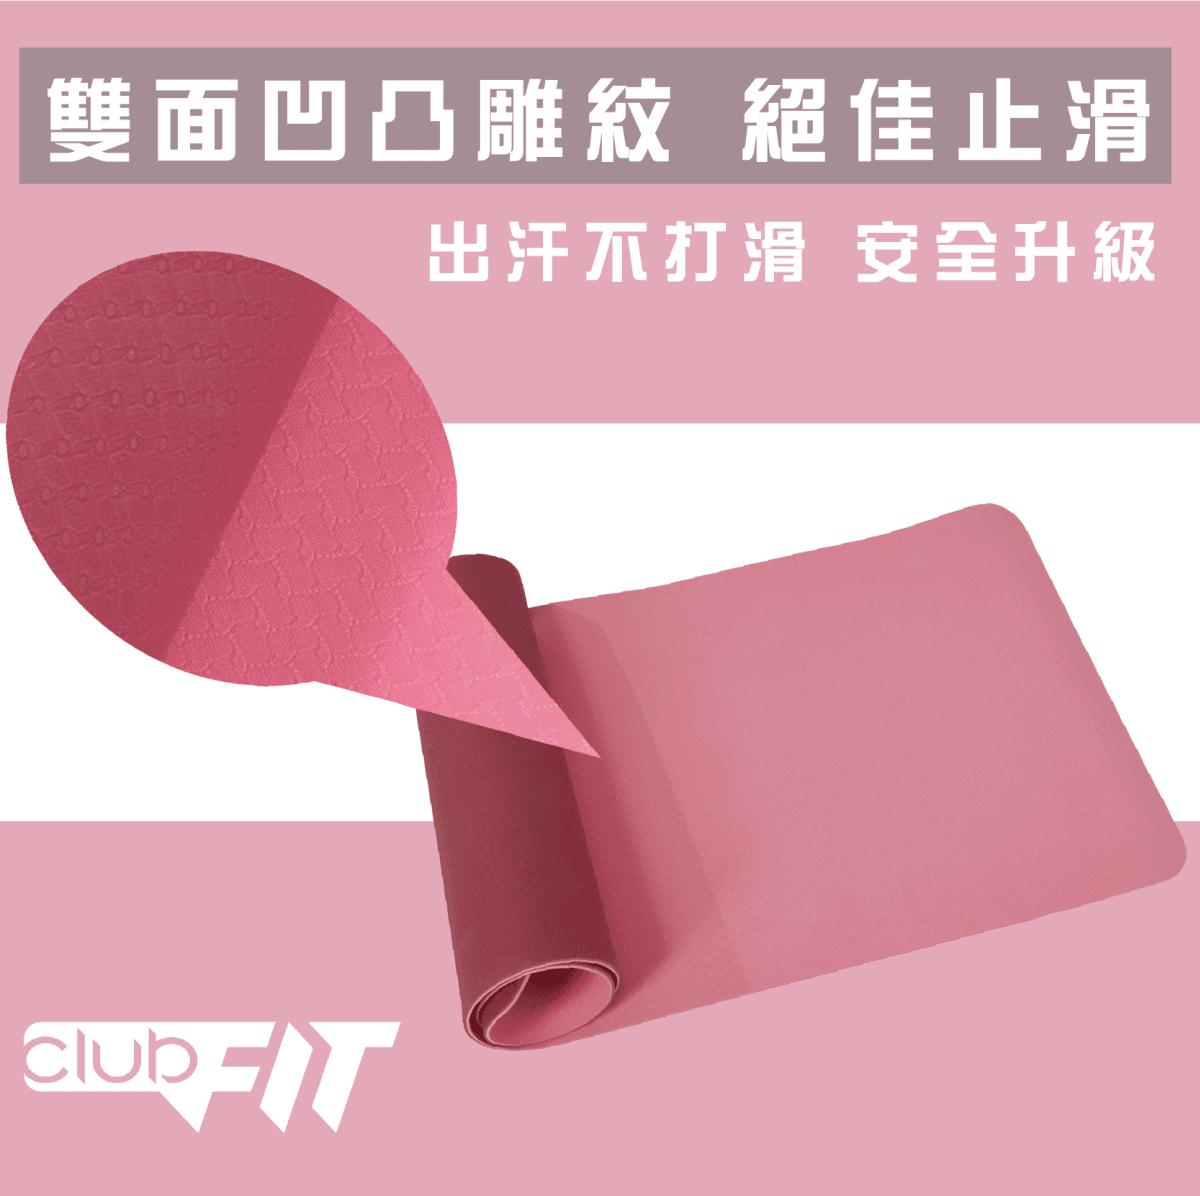 【Outrange】健身瑜珈組(瑜珈墊5mm+瑜珈防滑鋪巾) 2